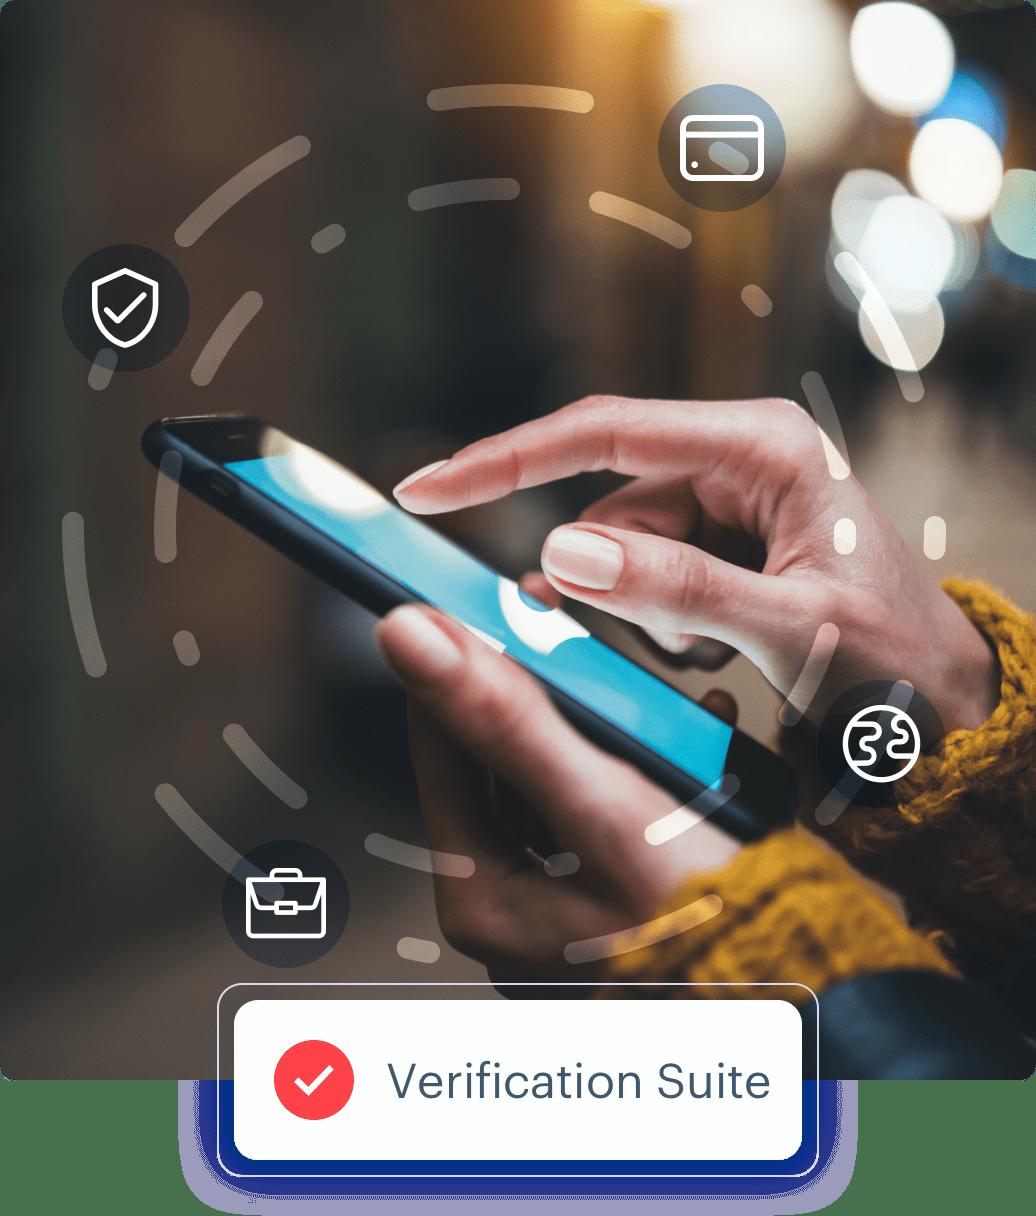 Verification Suite